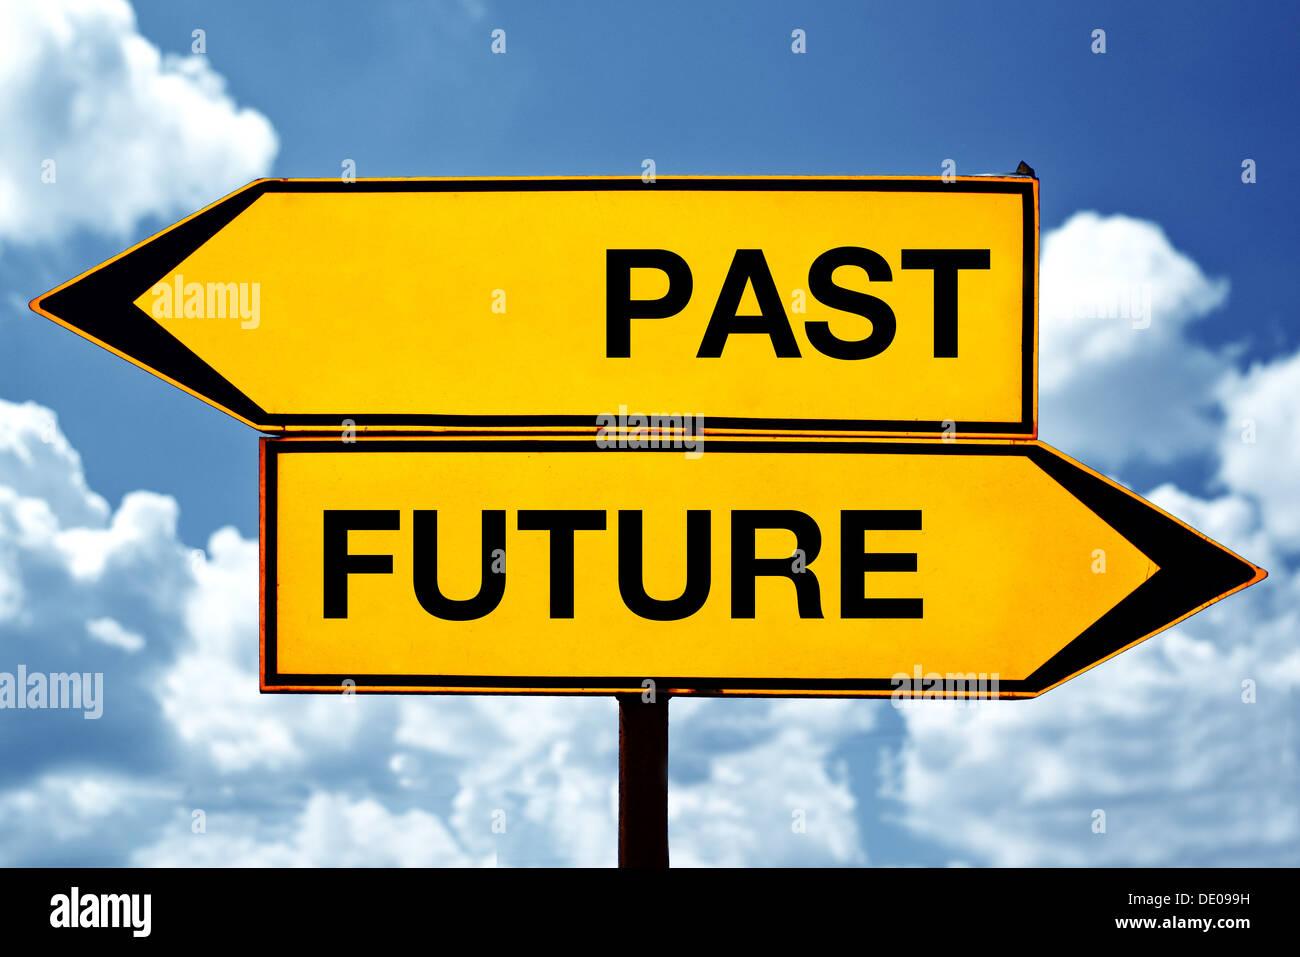 Vergangenheit oder Zukunft, entgegengesetzte Vorzeichen. Zwei entgegengesetzten Vorzeichen vor blauem Himmelshintergrund. Stockbild